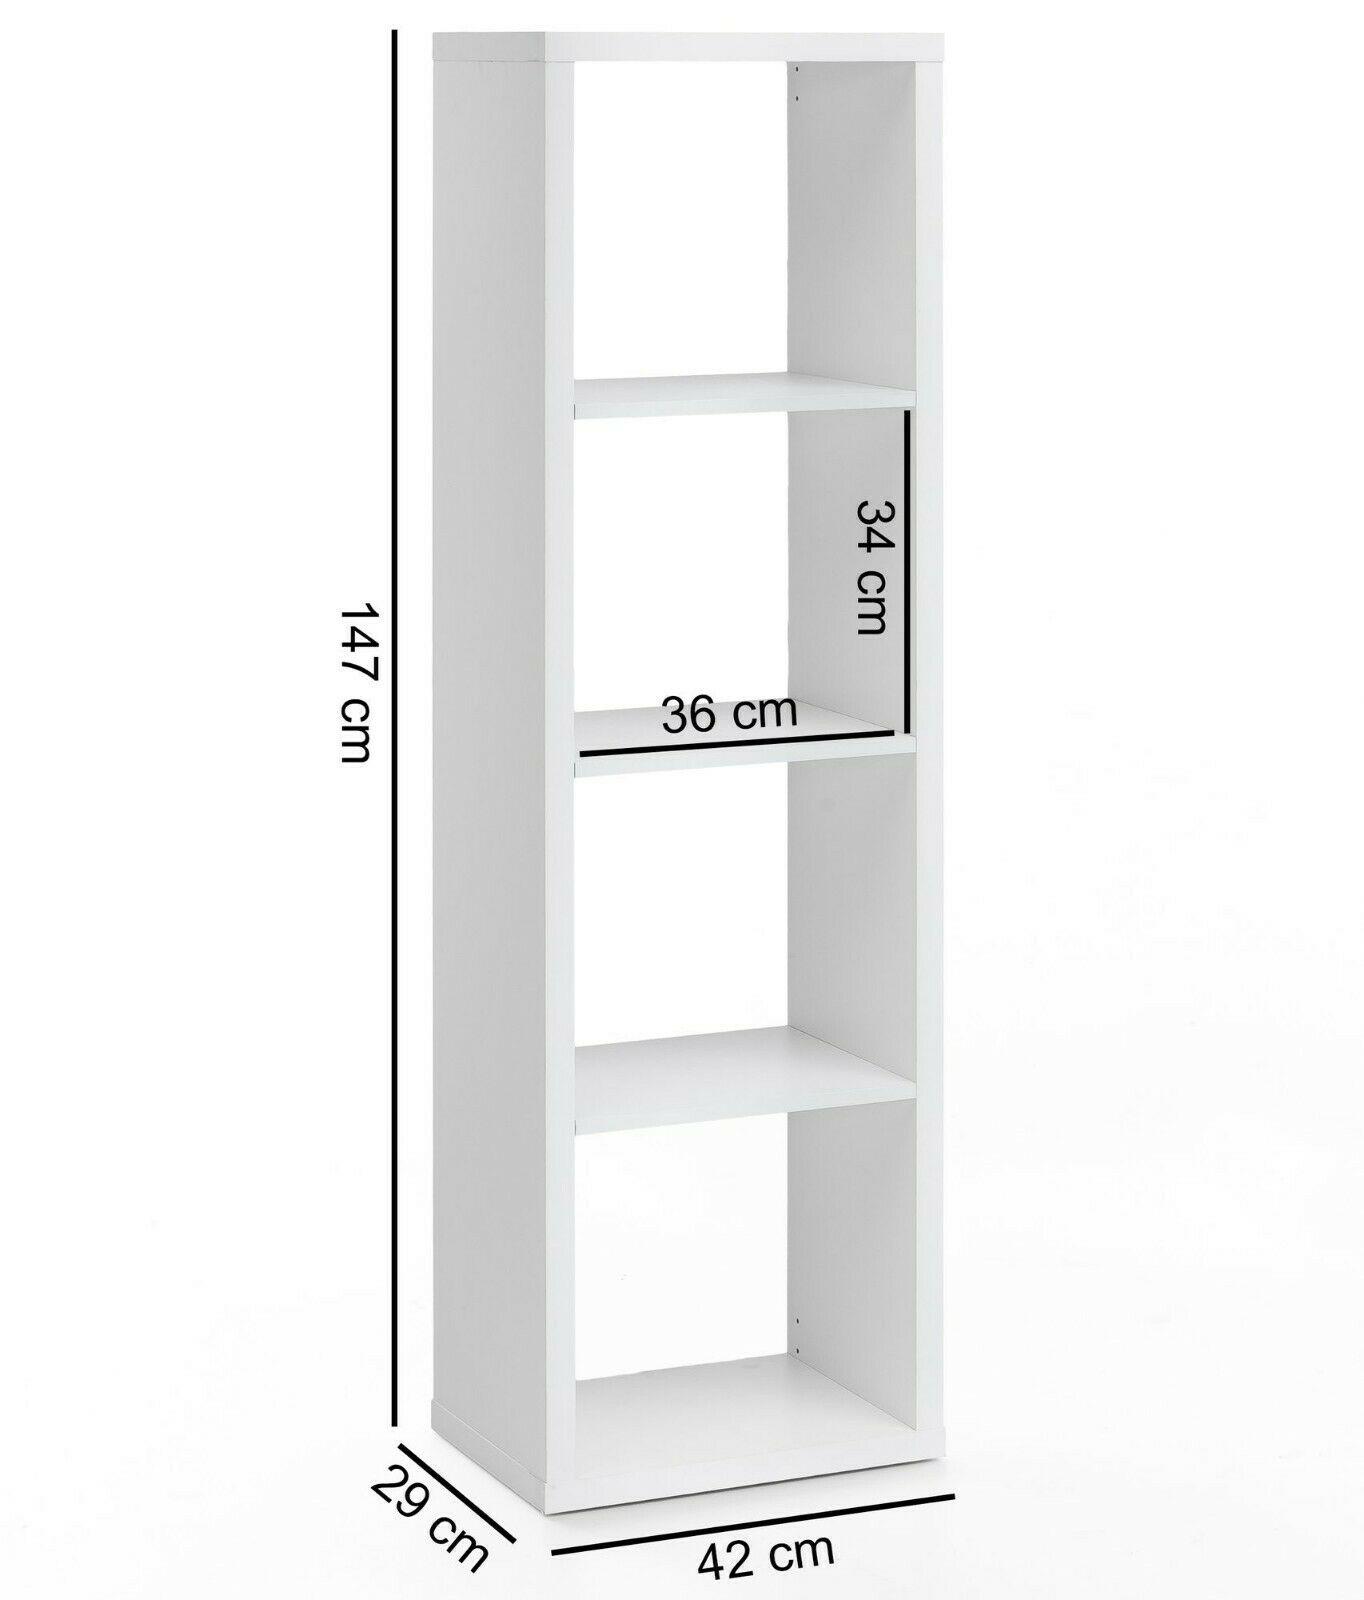 Full Size of Regal Hoch Regale Weiß Badezimmer Holzregal Tisch Kombination Schreibtisch Metall Aus Weinkisten Weiße Massivholz Raumteiler Küche Modern Weiss Regal Regal Weis